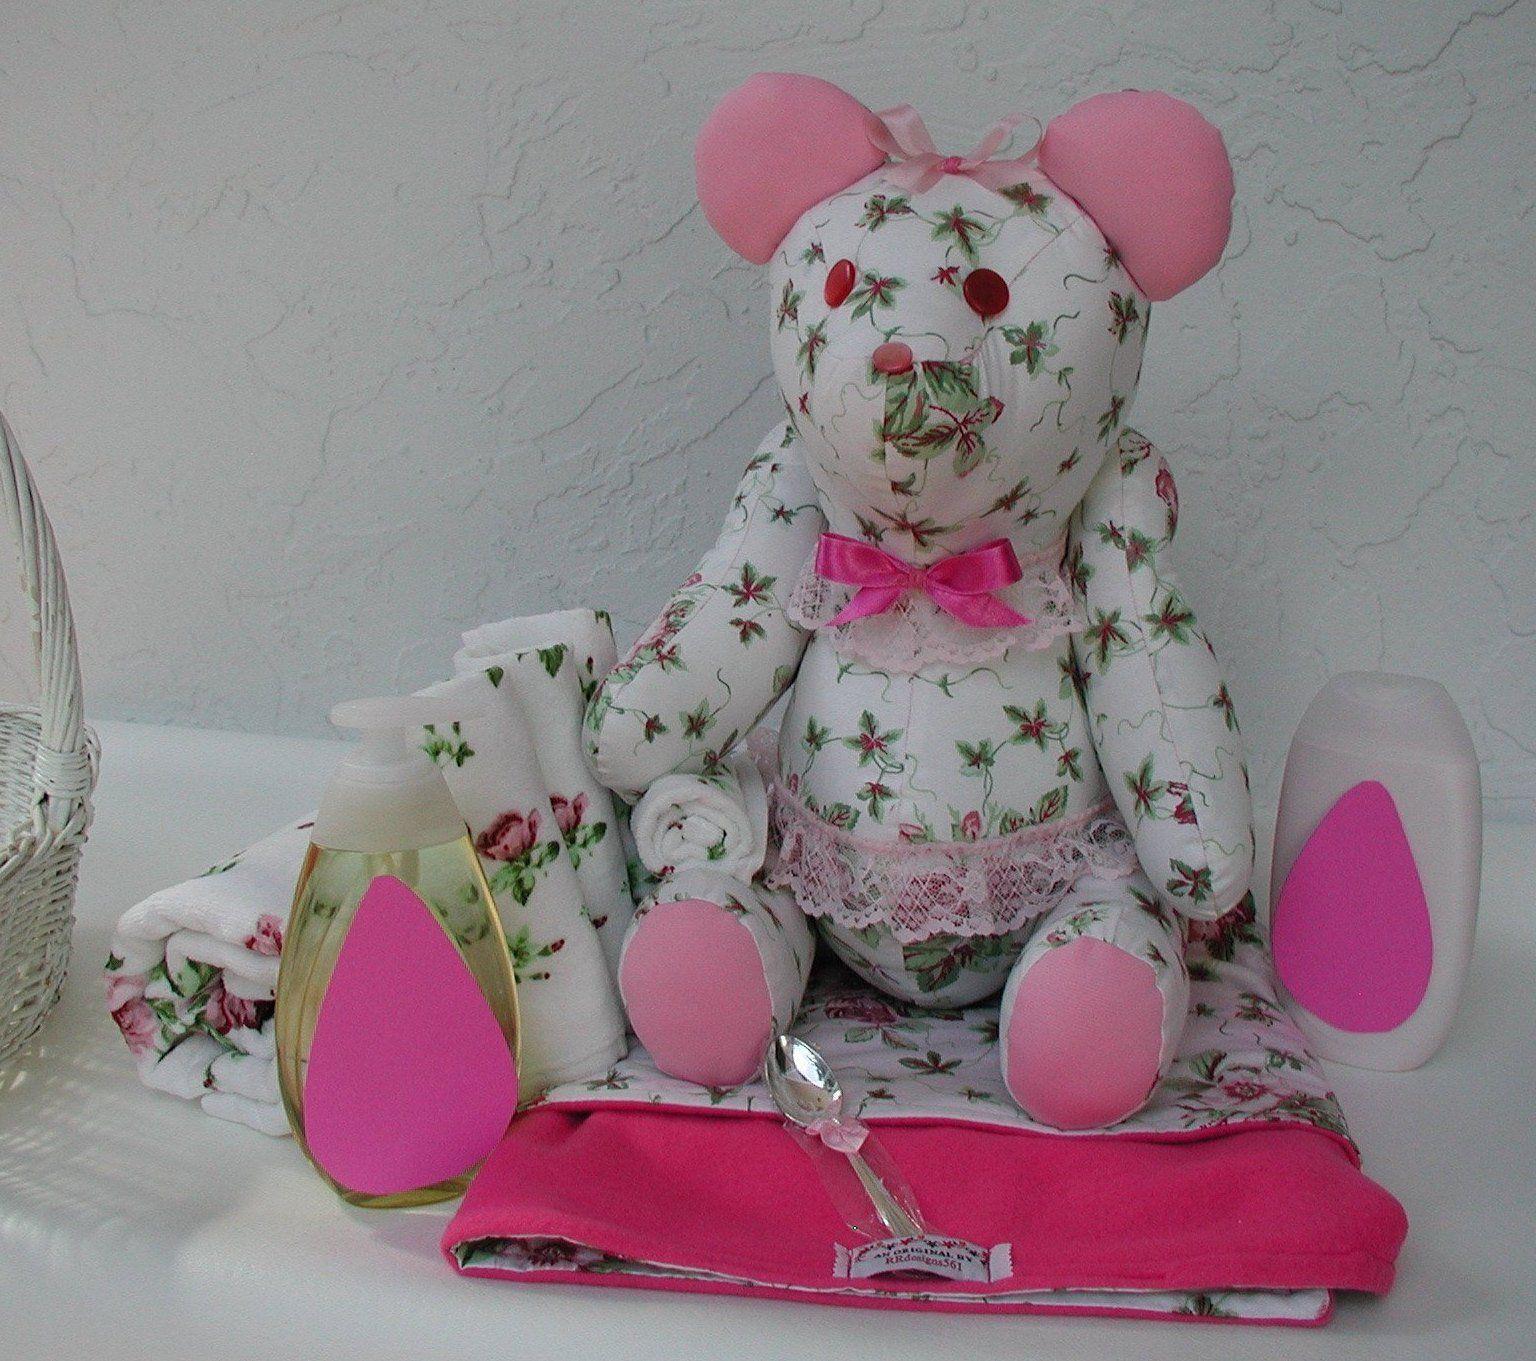 Baby shower gift baby girl gift teddy bear shower gift